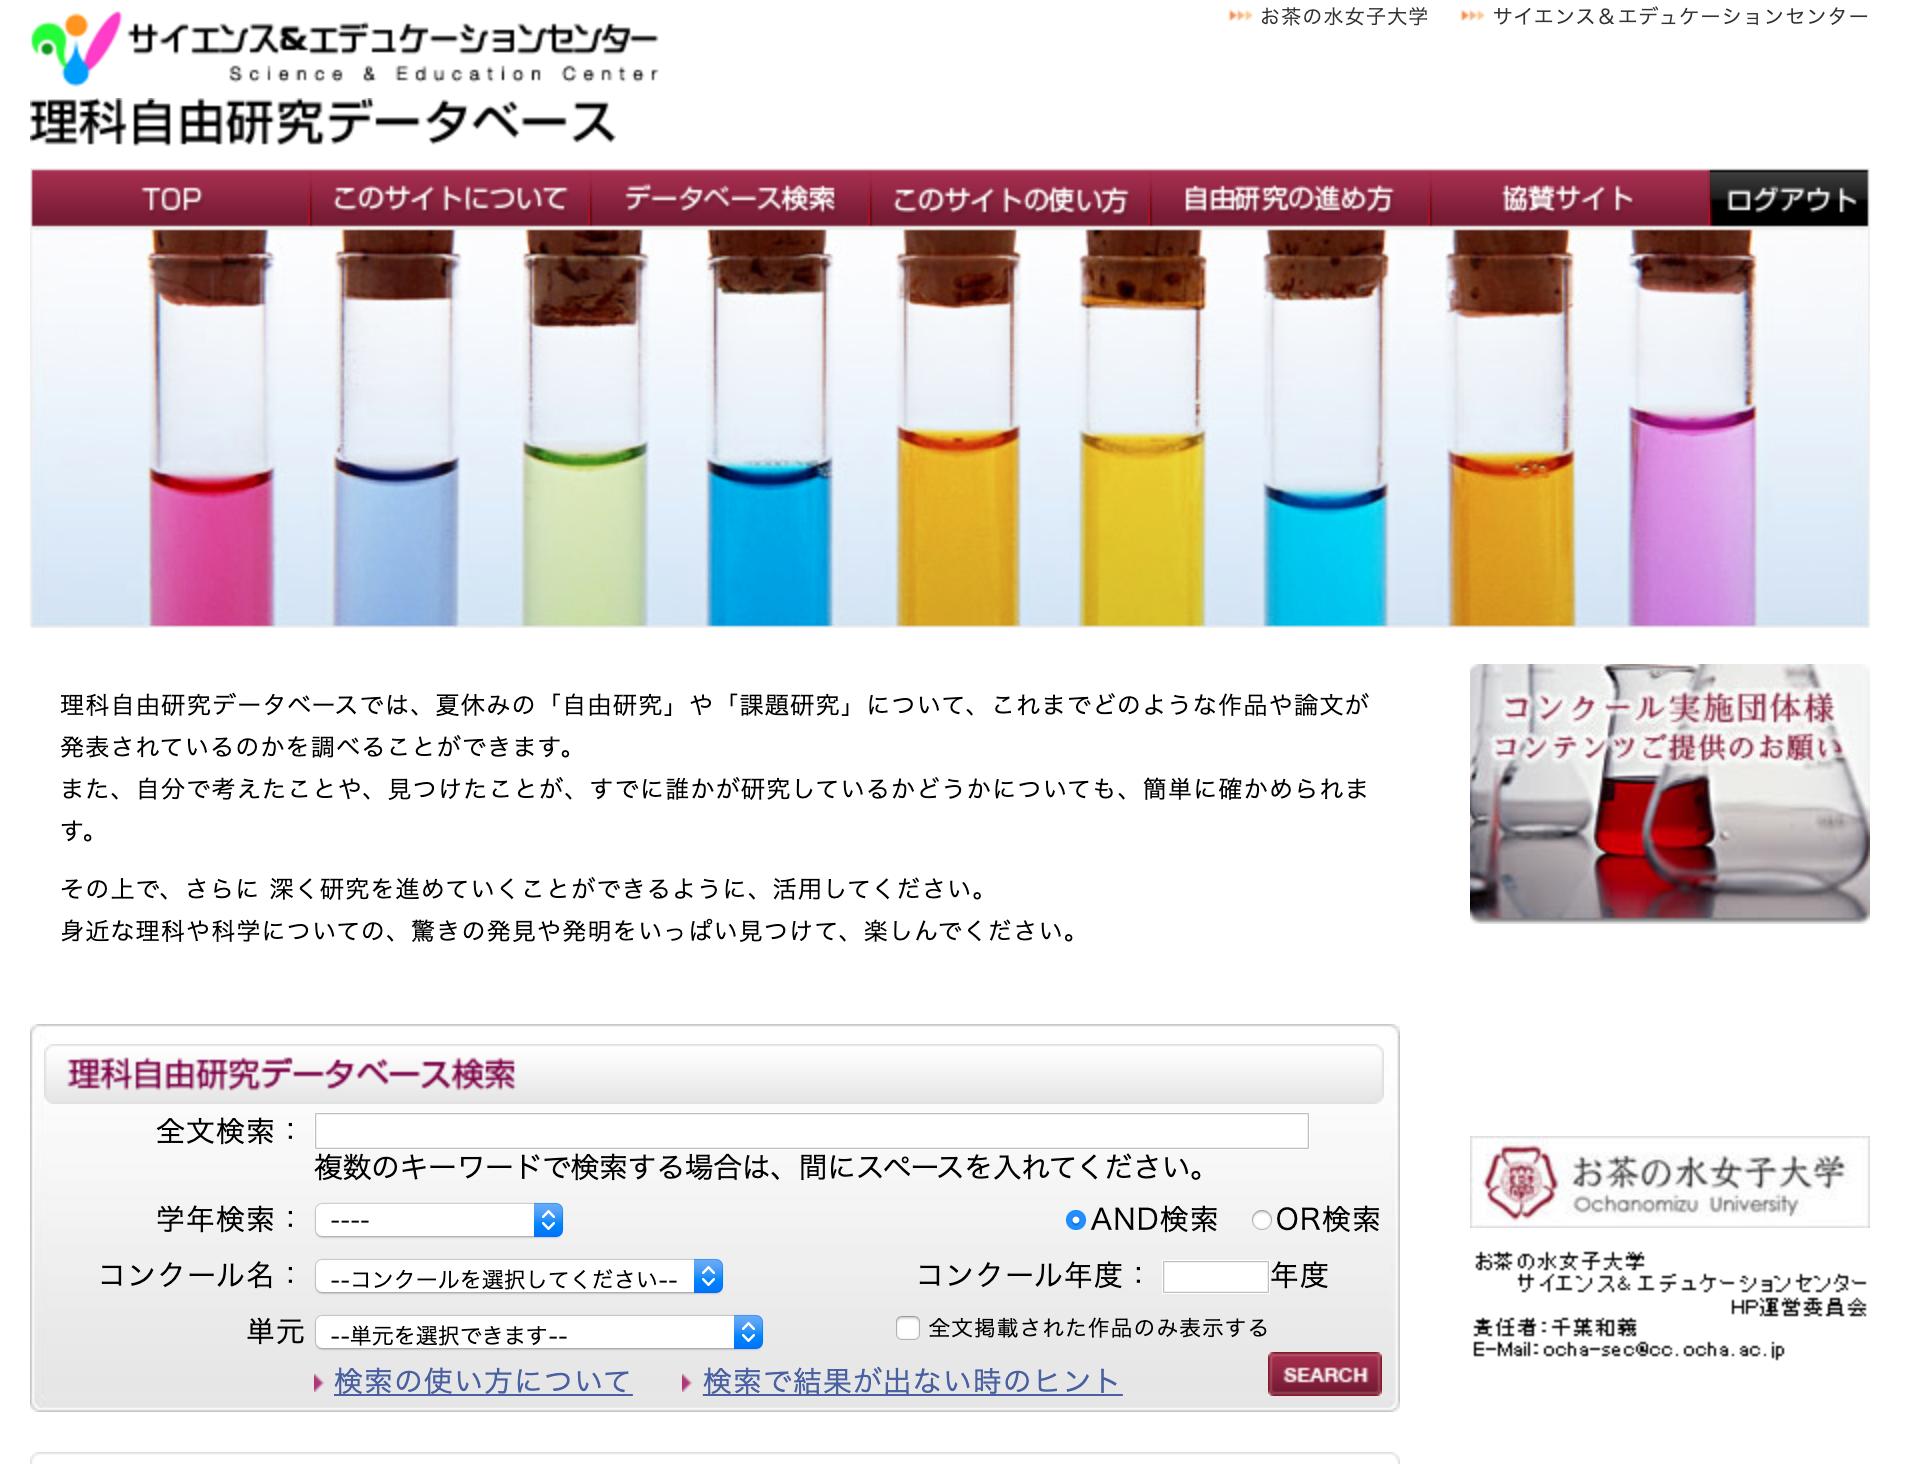 理科自由研究データベース(お茶の水女子大学)